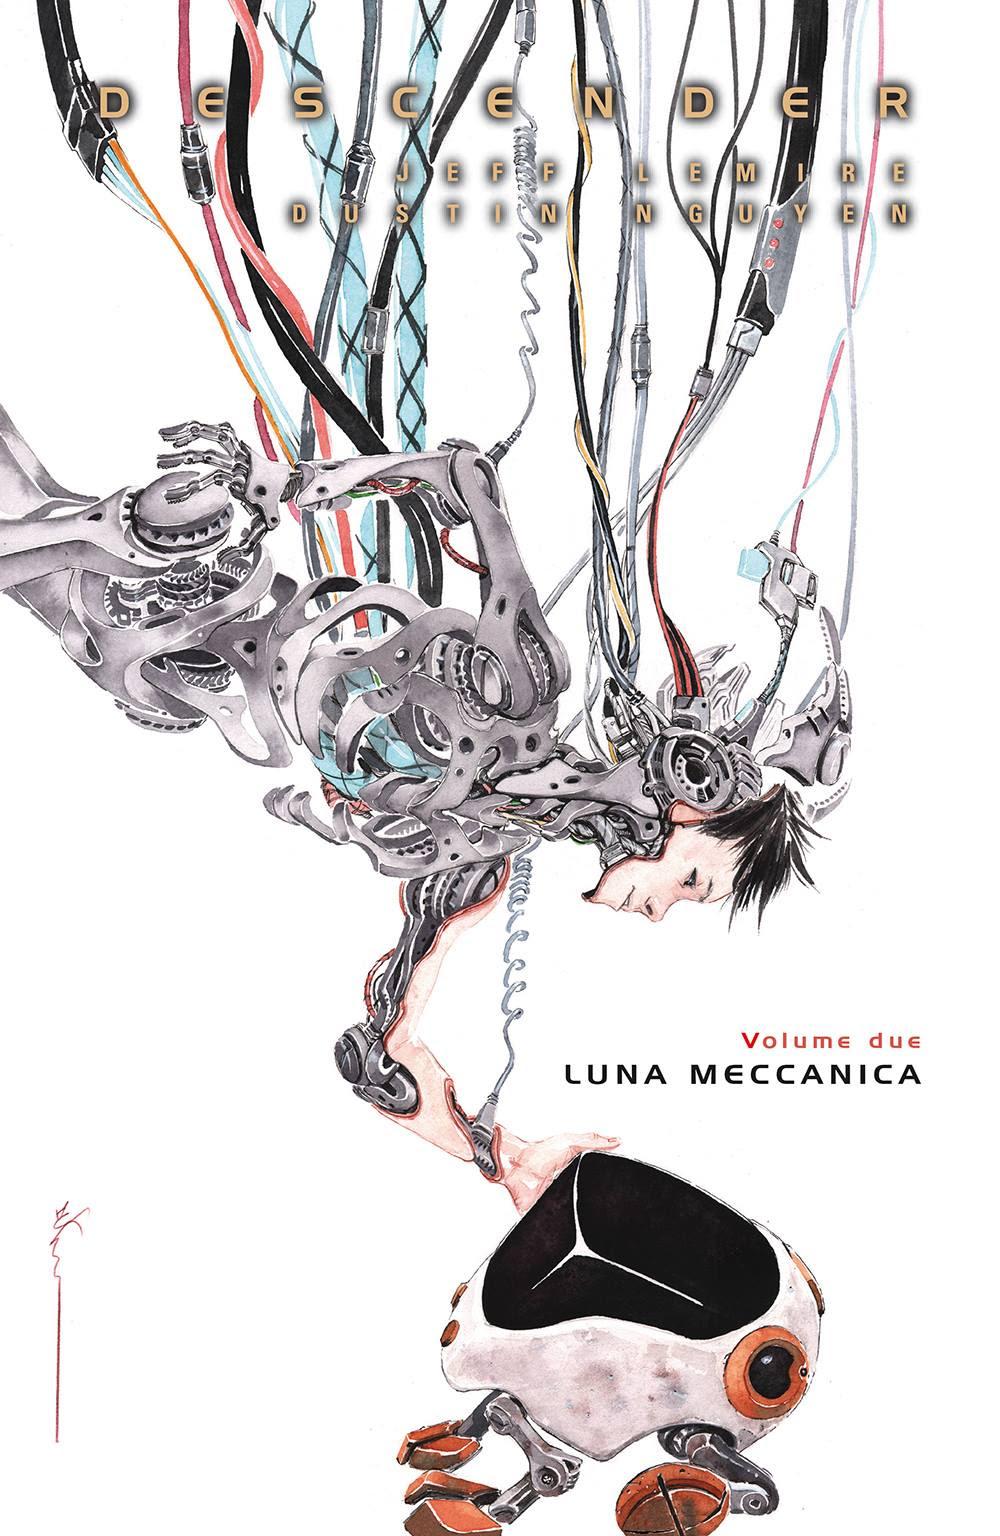 Descender vol. 2: Luna meccanica, copertina di Dustin Nguyen